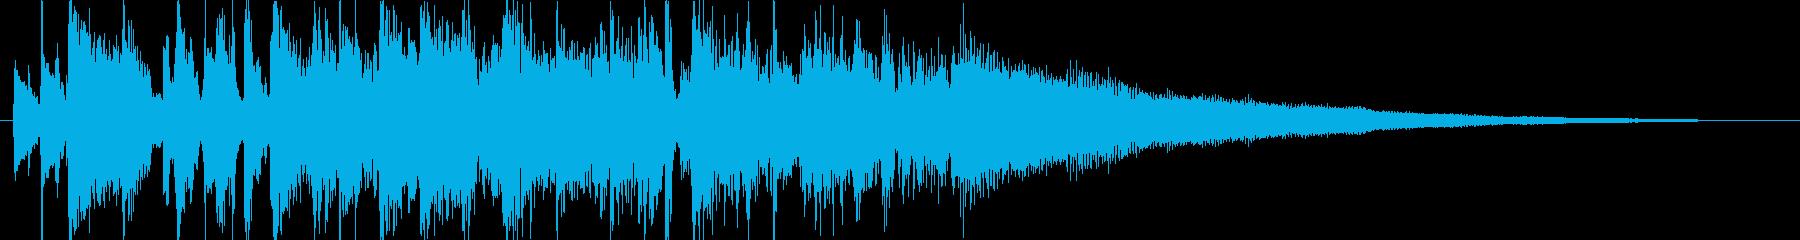 エレピが特徴のジャズポップ・ジングルの再生済みの波形